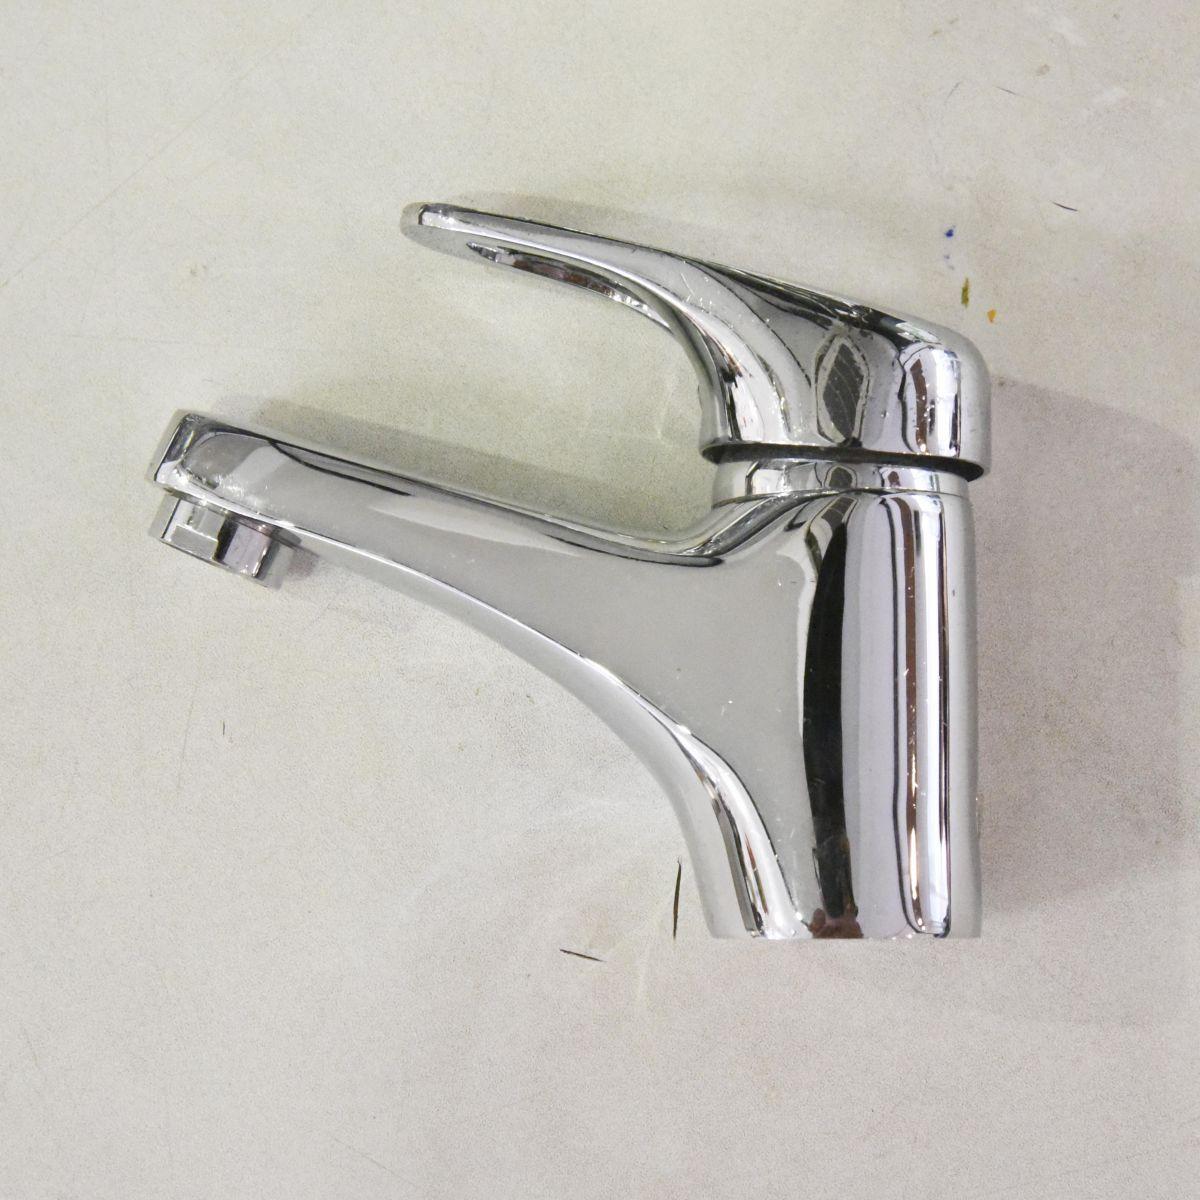 Vồi chậu lavabo Outlet 01 là sản phẩm thiết bị vệ sinh outlet, xả kho, thanh lý một số mặt hàng trưng bày, giá khuyến mãi cực kỳ hấp dẫn, đến ngay showroom Hita tại Tphcm